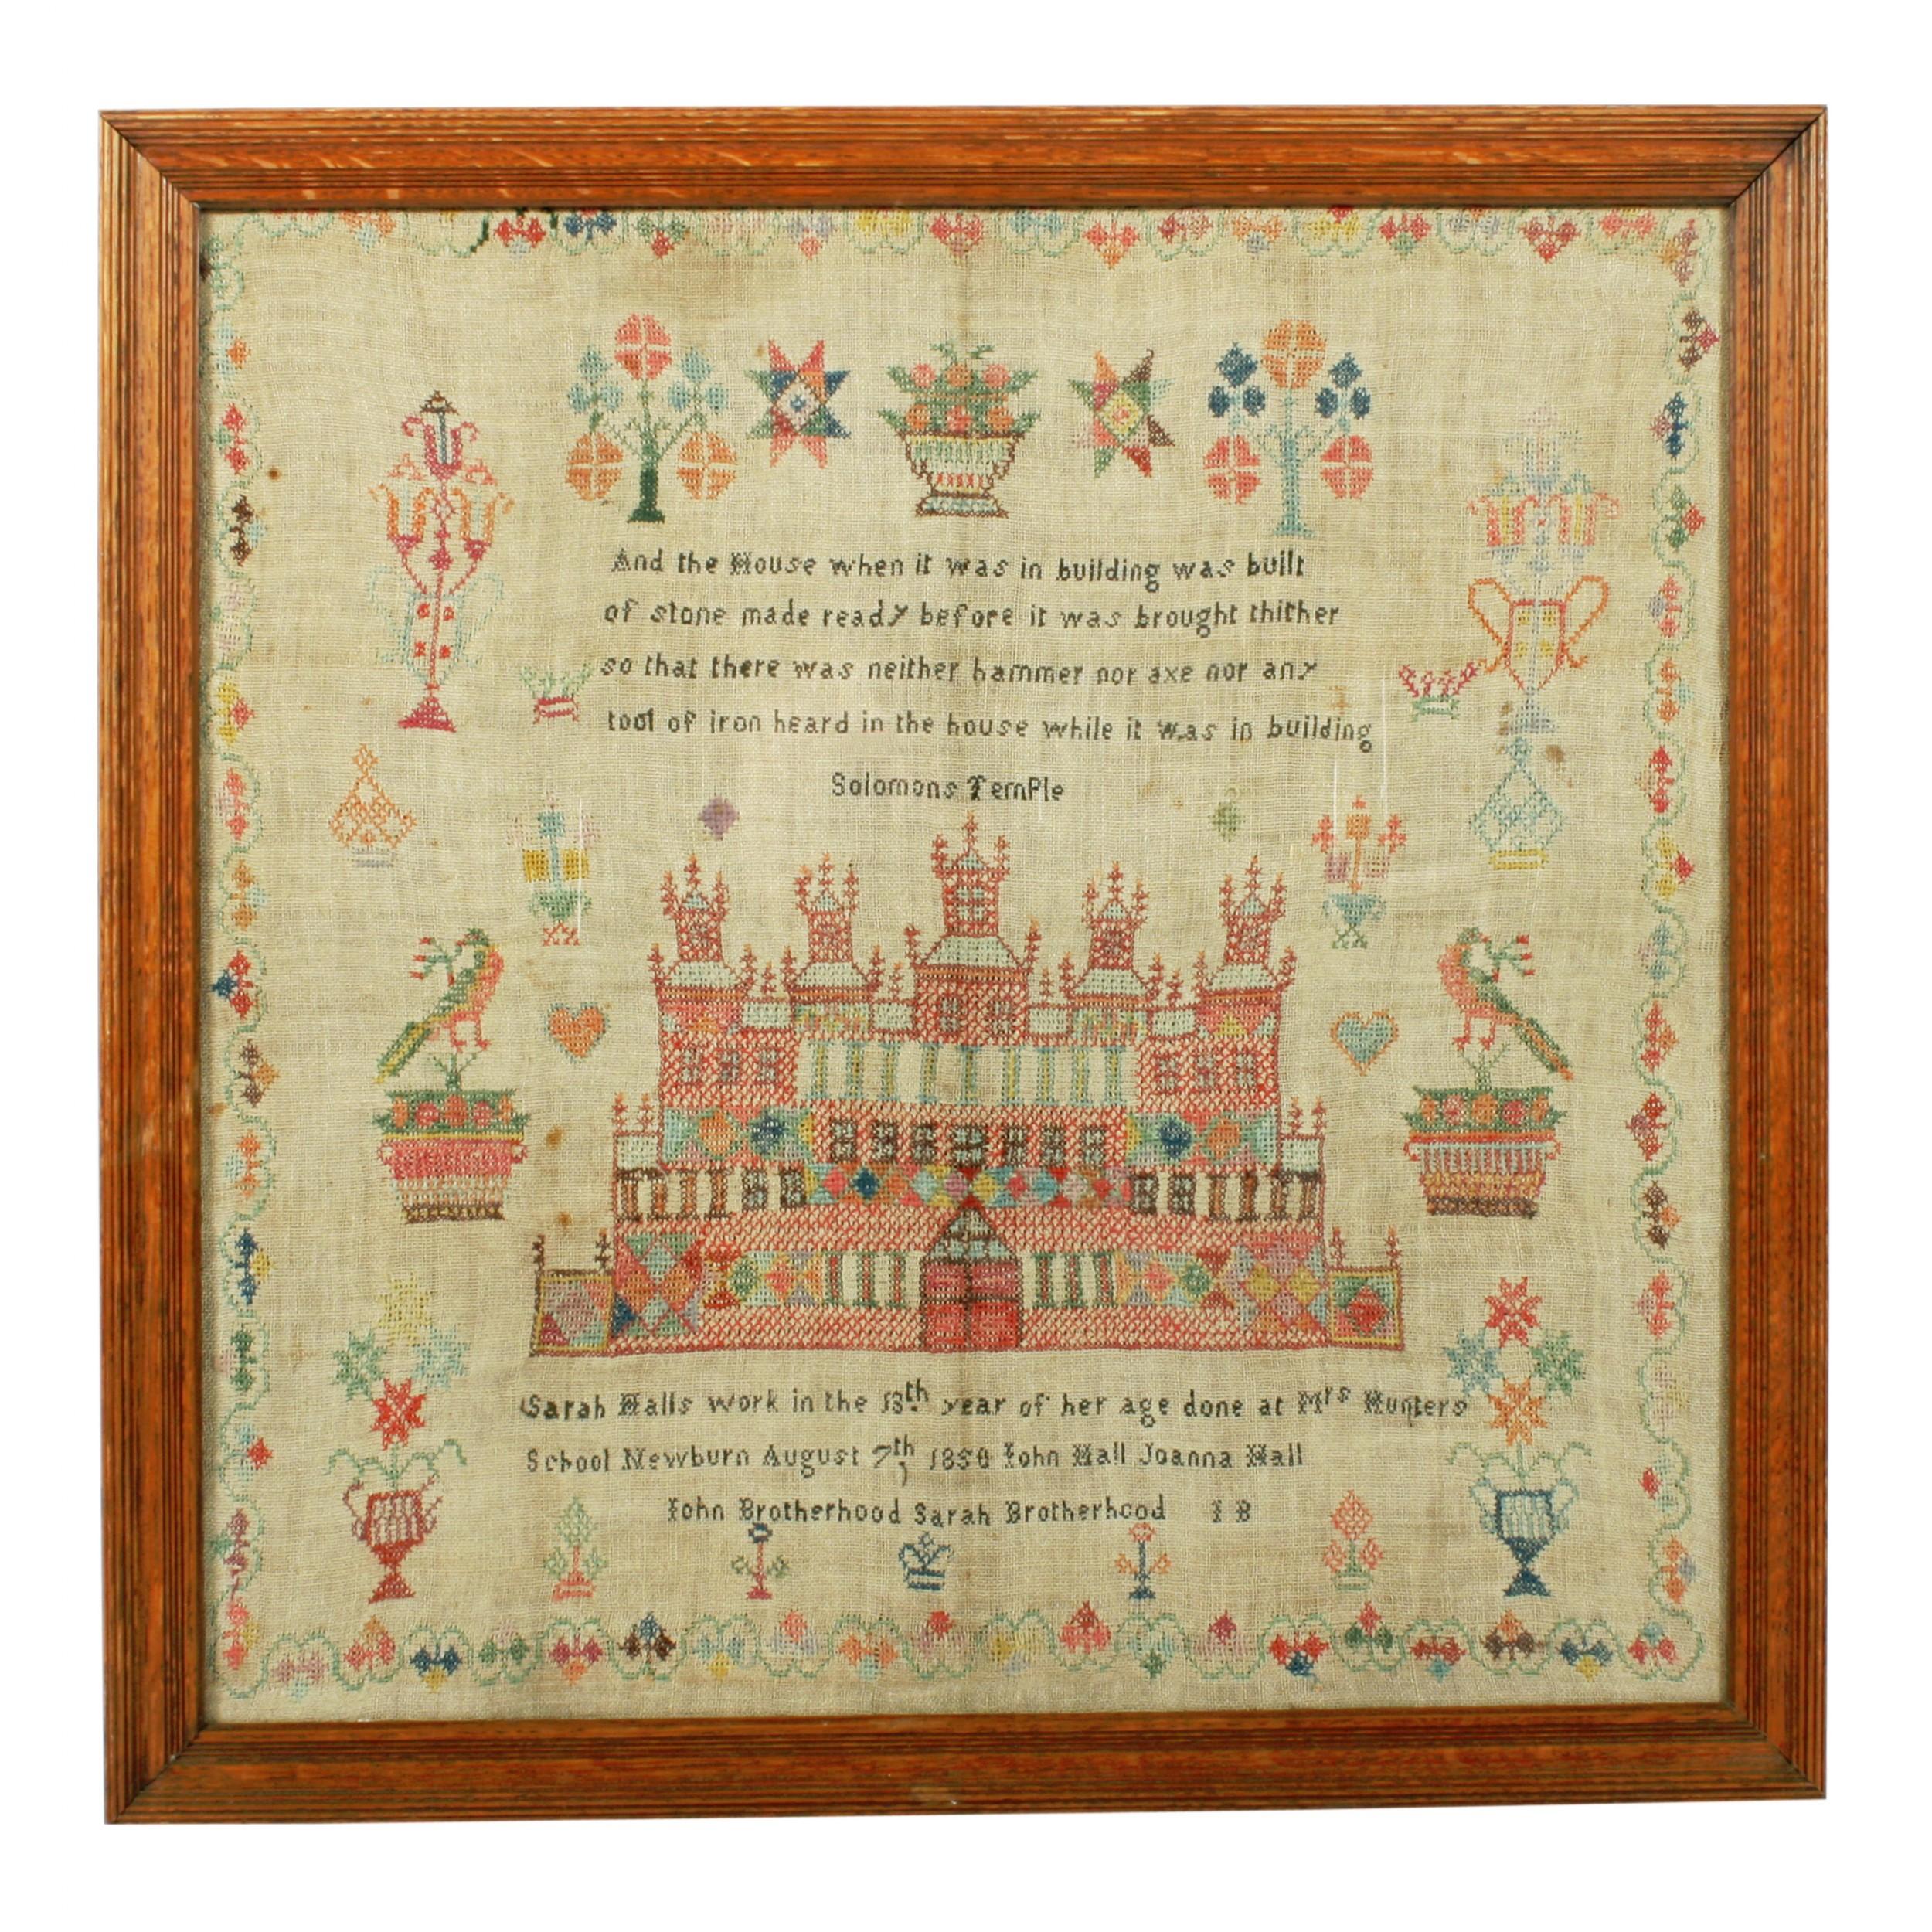 solomon's temple needlework sampler